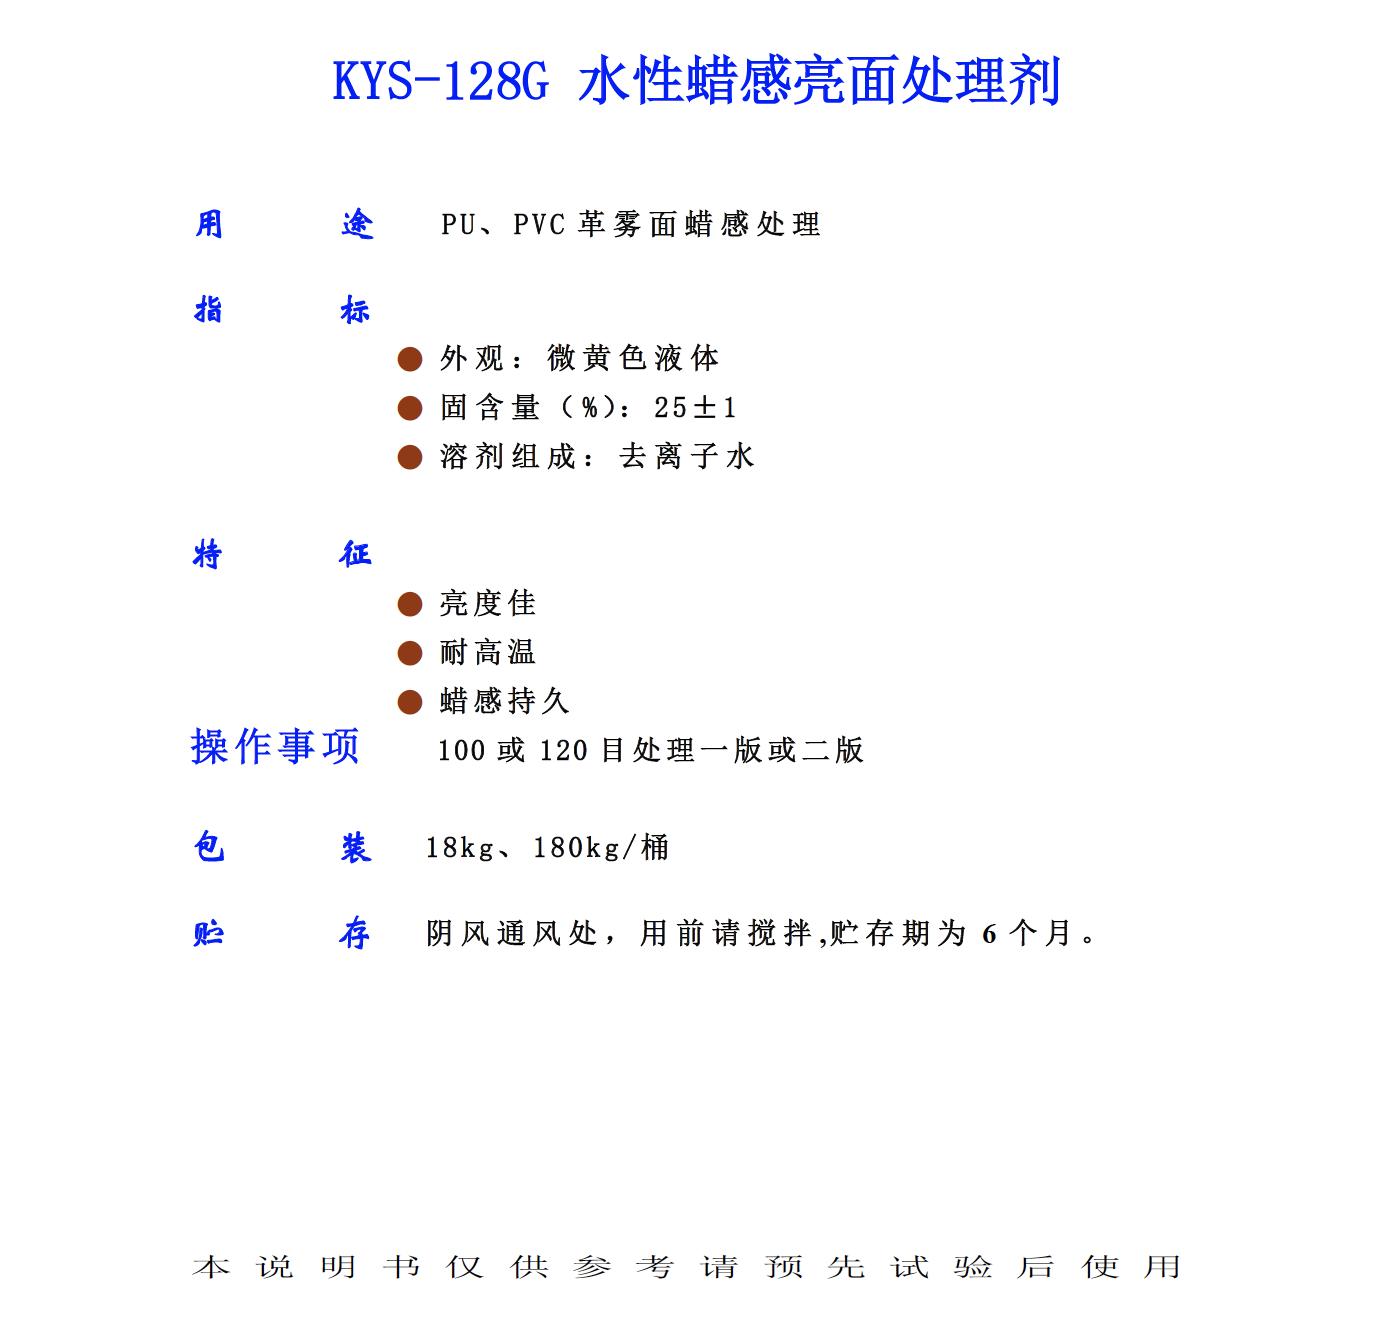 K YS 128G 水性蜡感亮面处理剂